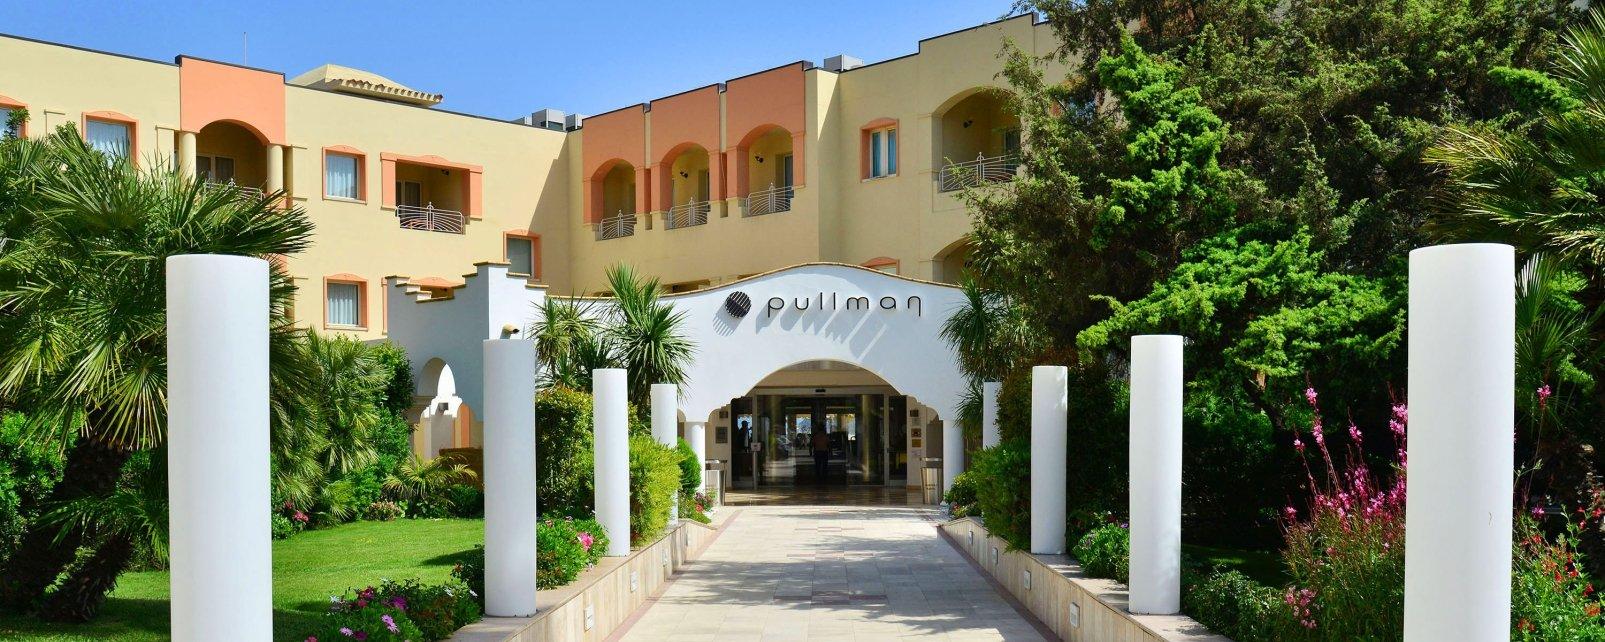 Hotel Pullman Timi Ama